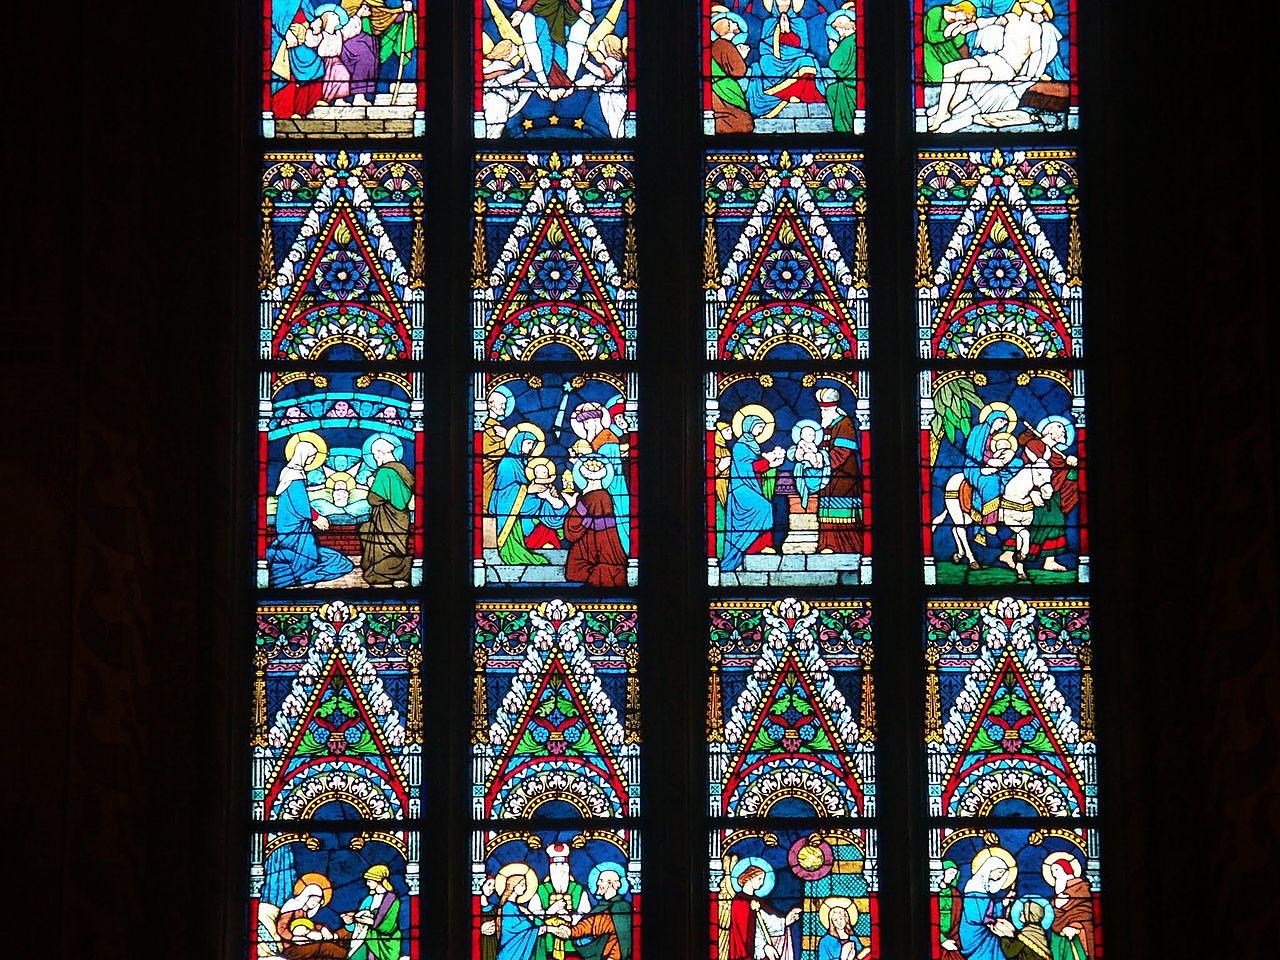 โบสถ์เเมตเทียส-กระจกสี